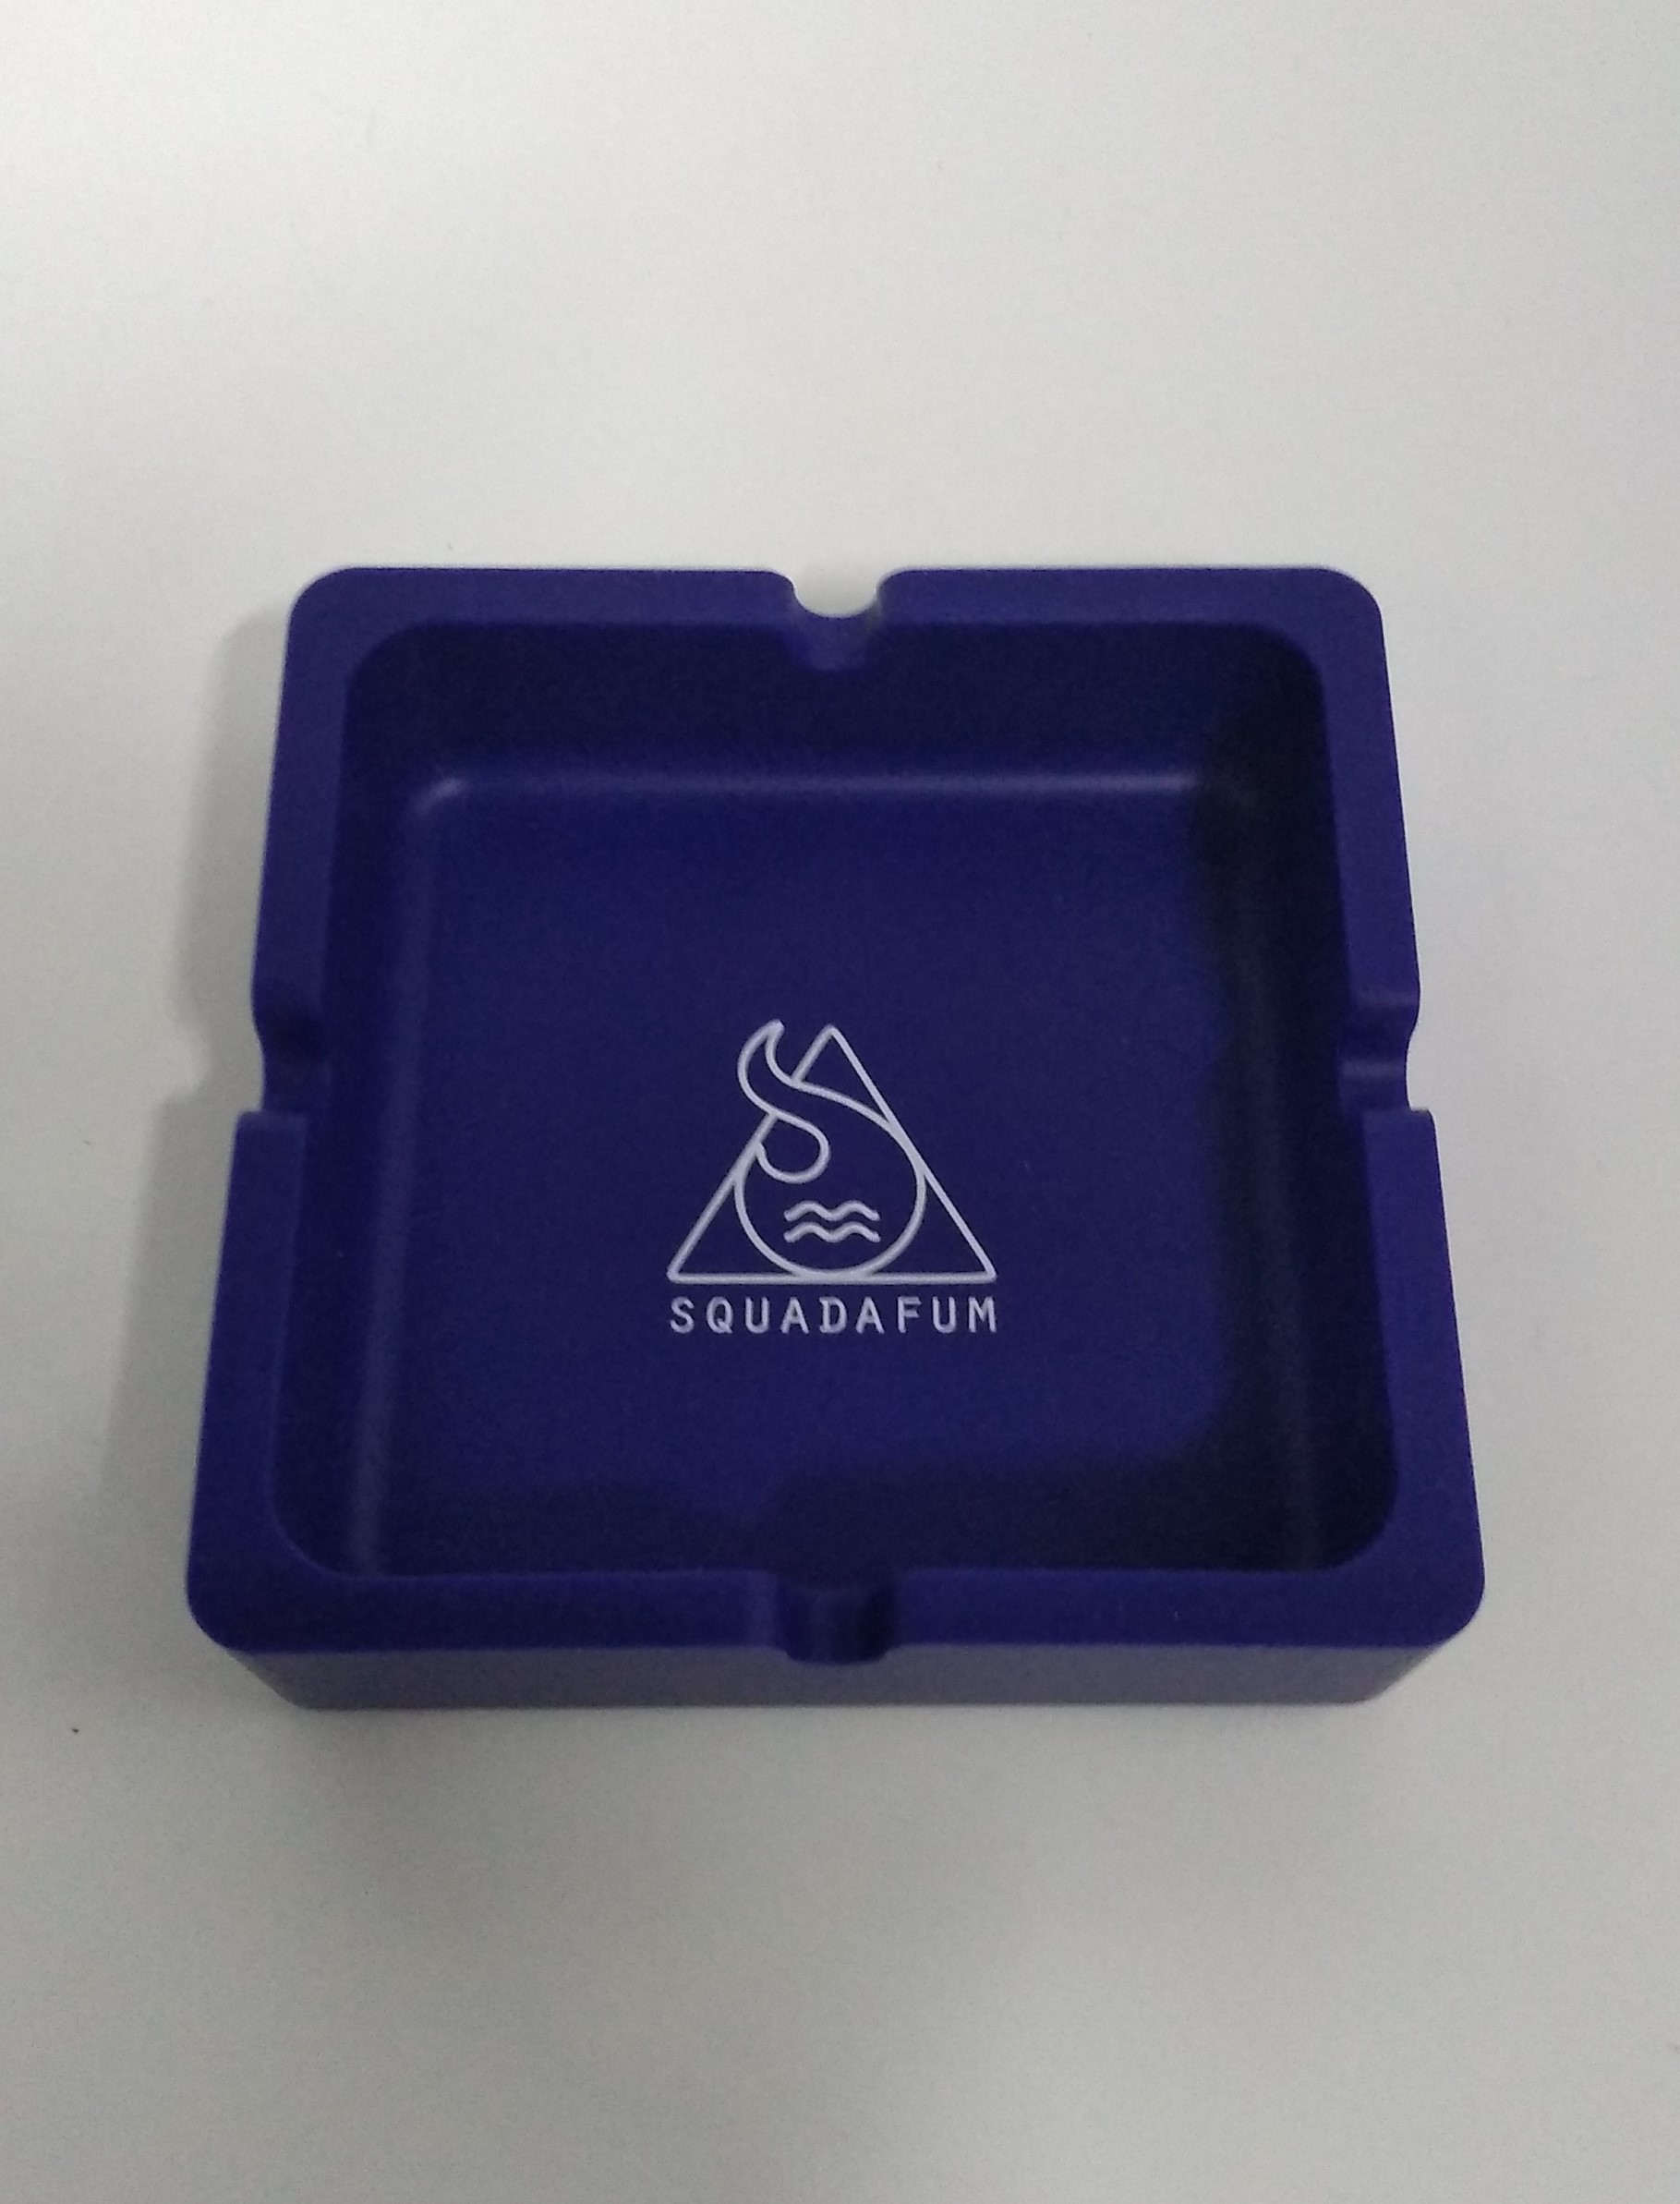 Cinzeiro Quadrado Squadafum Azul